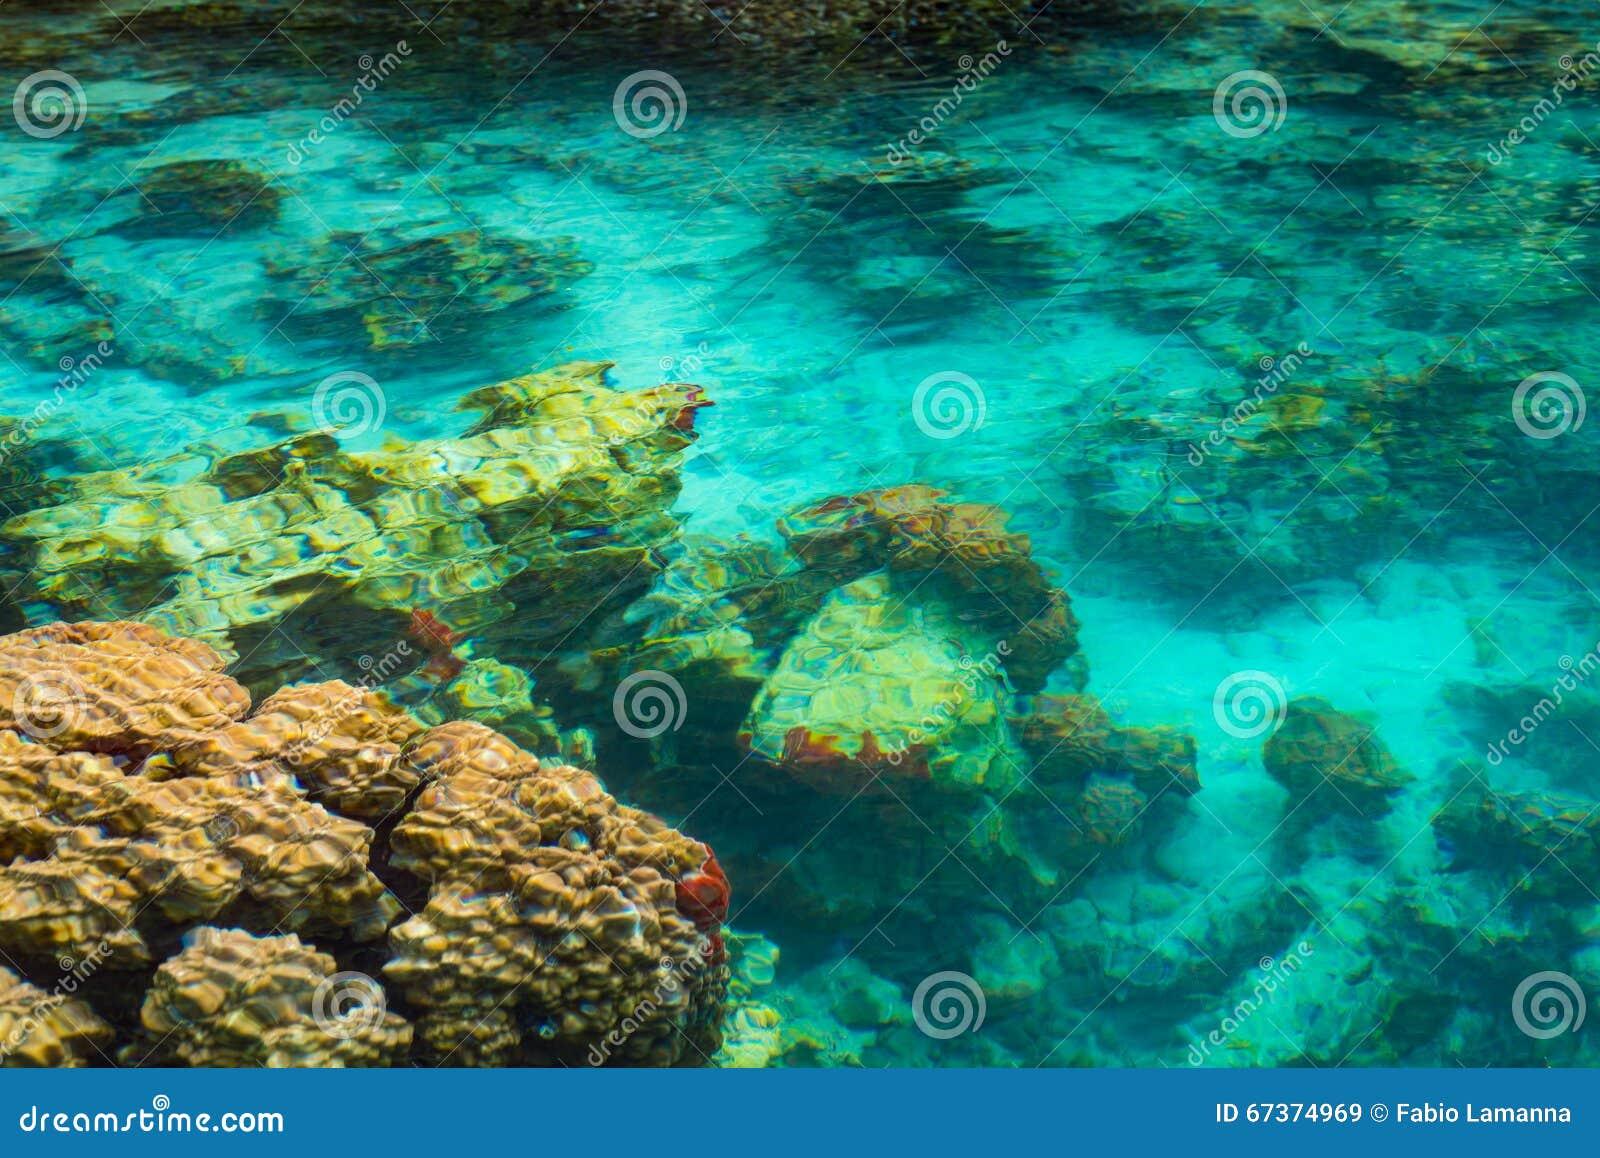 Ondiep koraalrif in turkoois transparant water, Indonesië